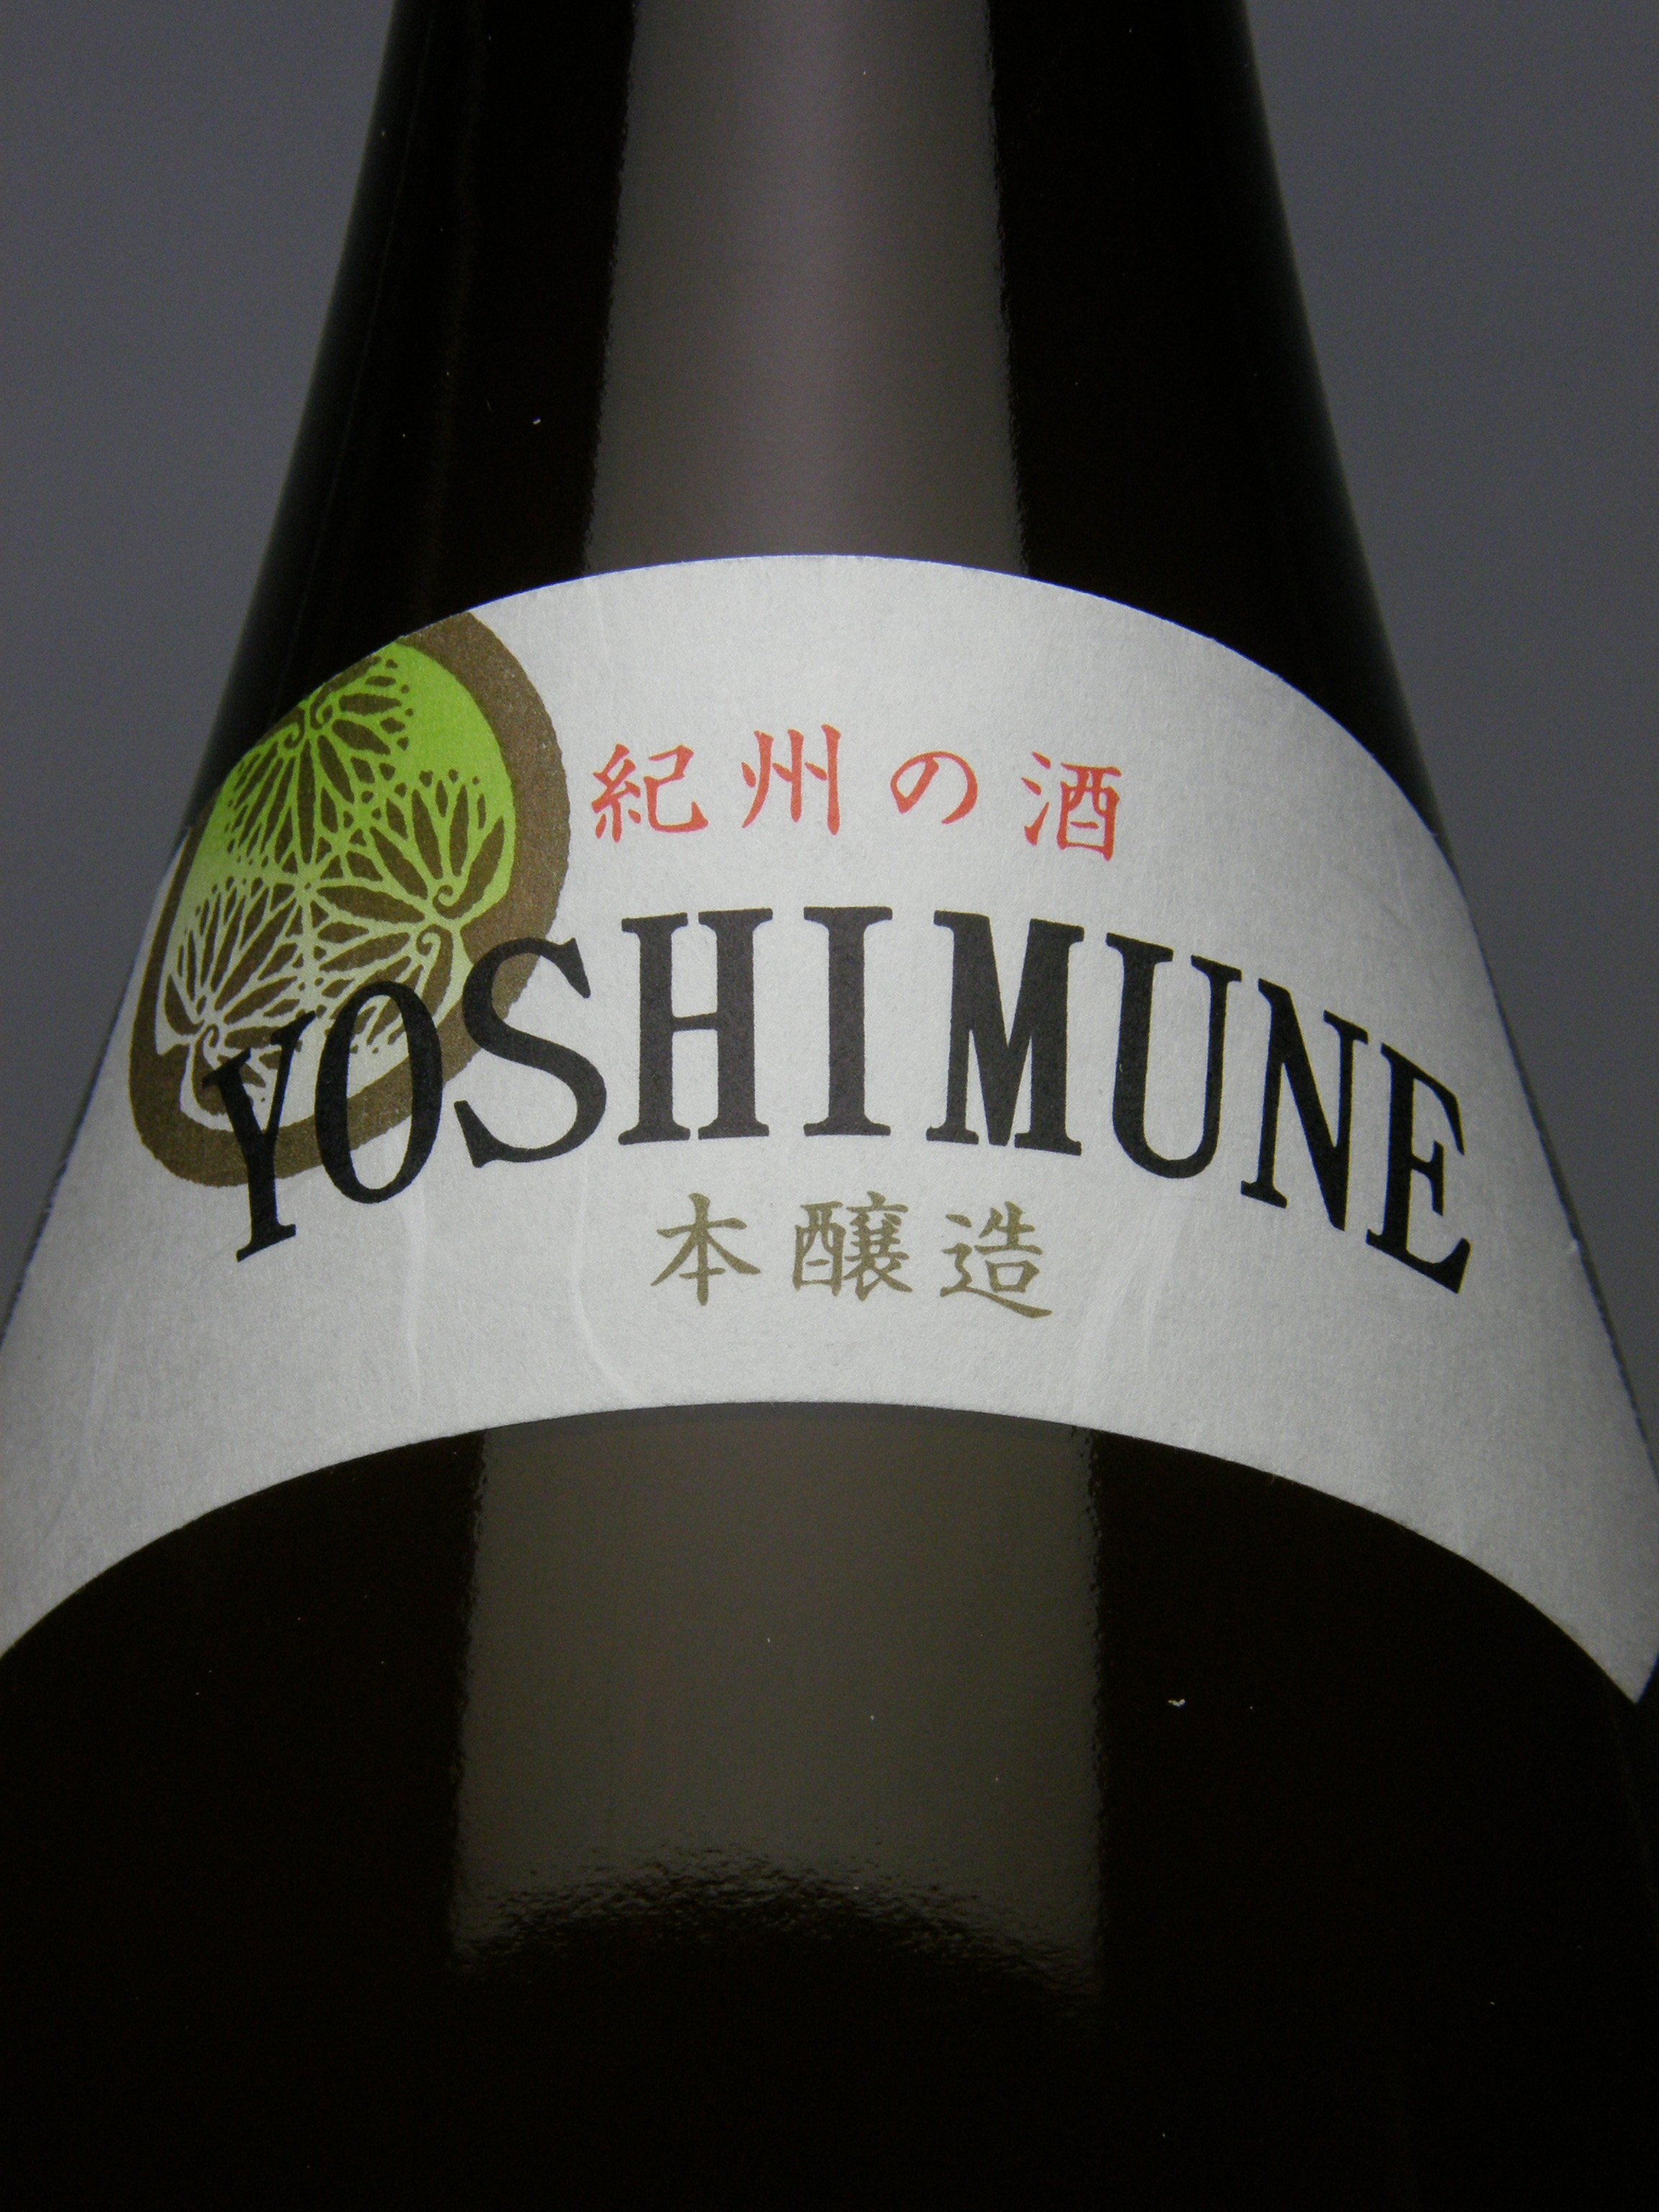 紀州の酒 吉宗 本醸造 1800ml【お届けまで4〜5営業日】